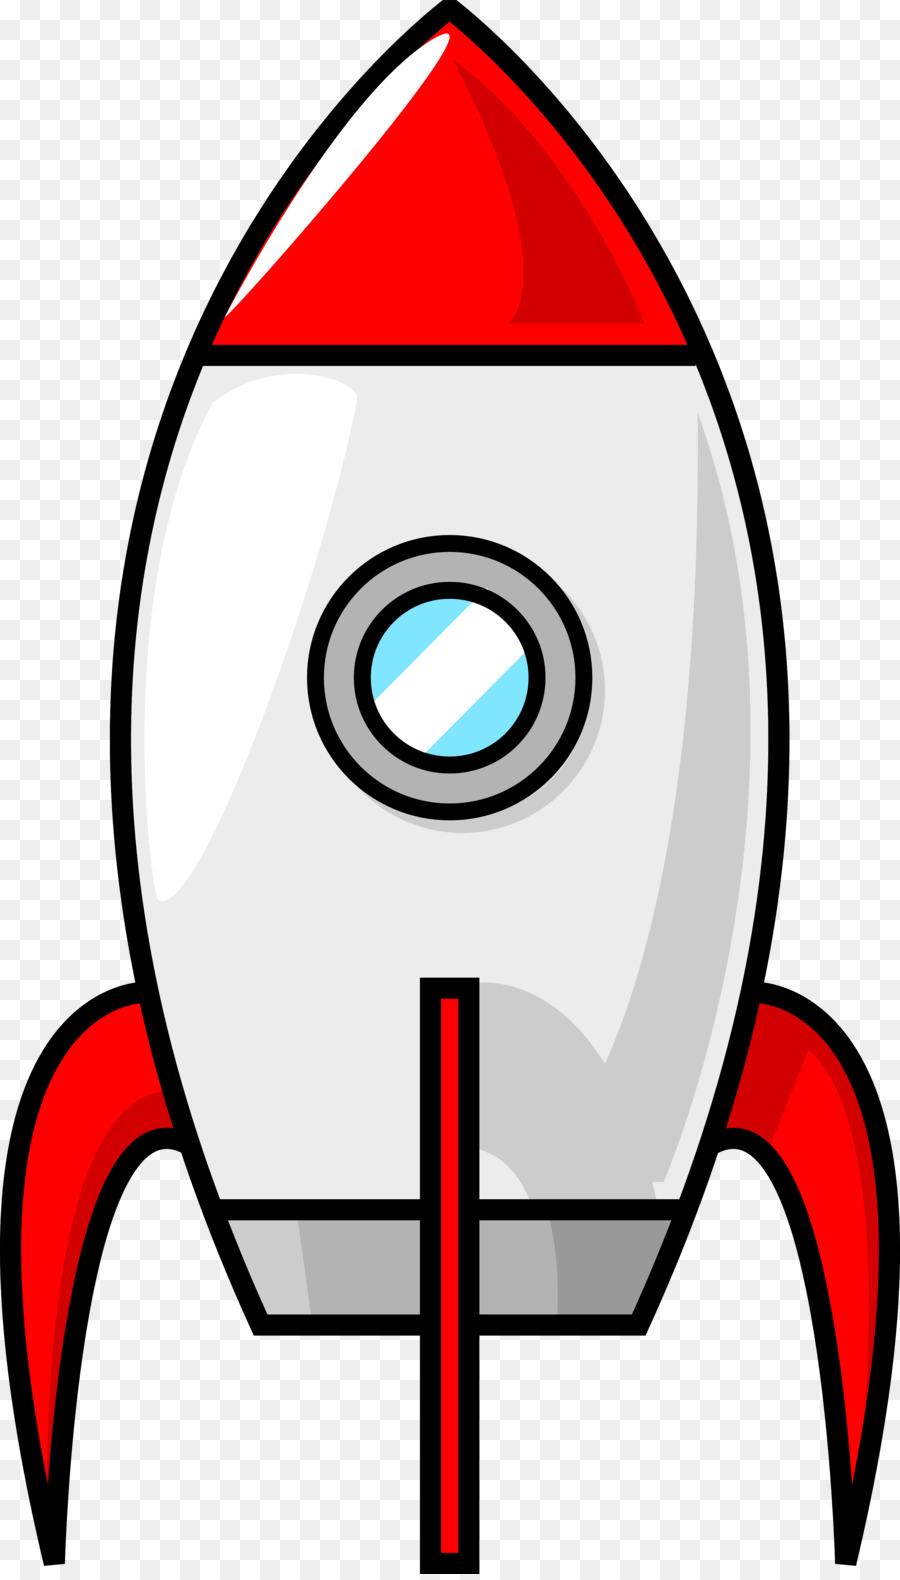 Descarga gratuita de Cohete, De Dibujos Animados, La Nave Espacial imágenes PNG